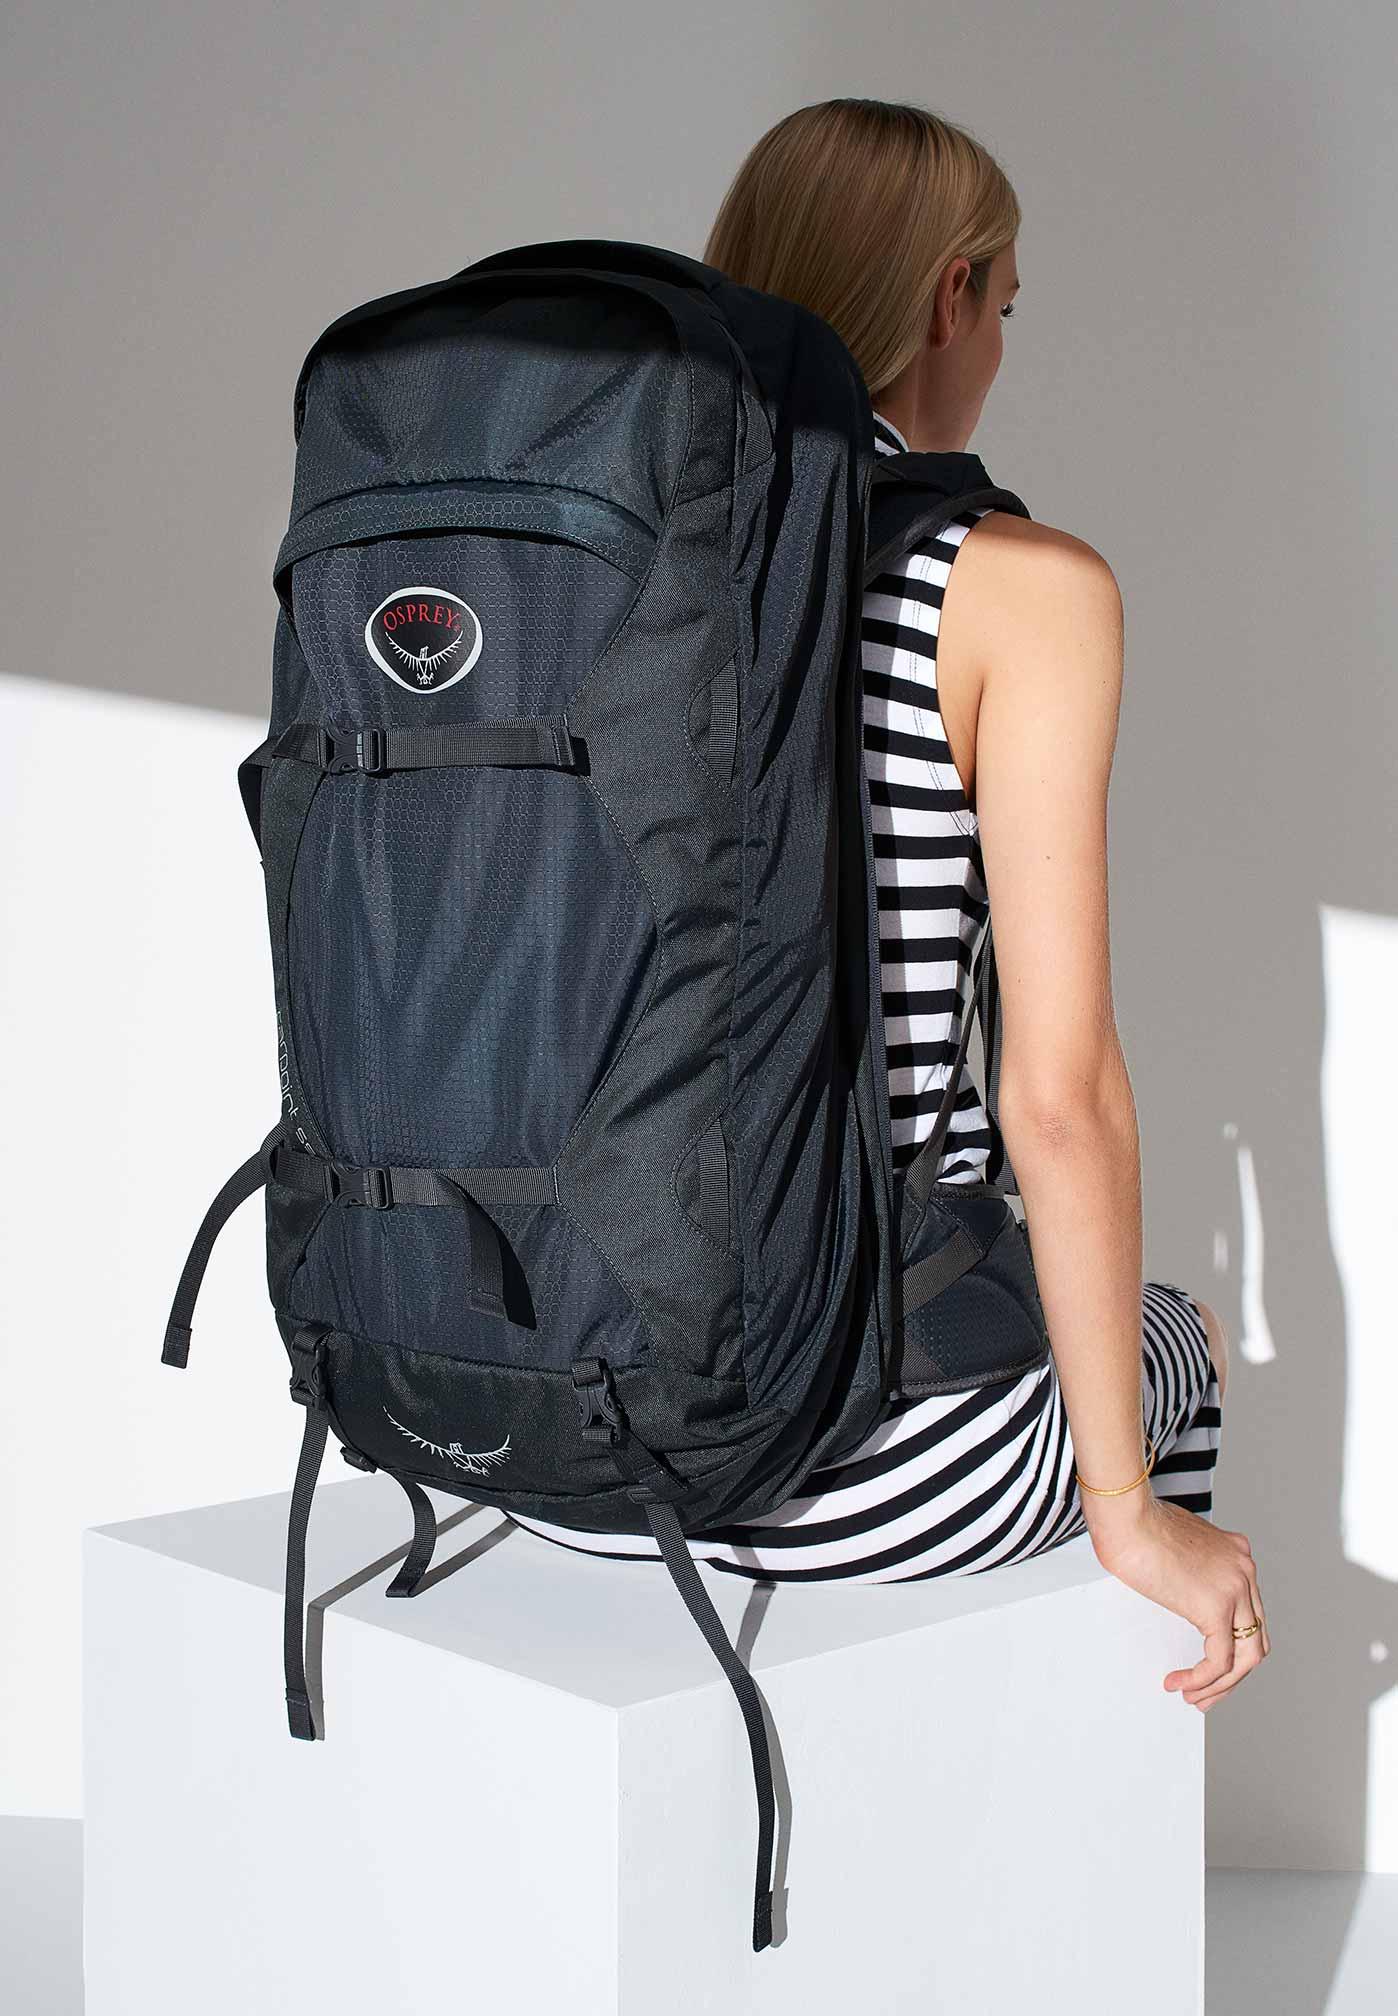 Welchen Rucksack brauche ich?